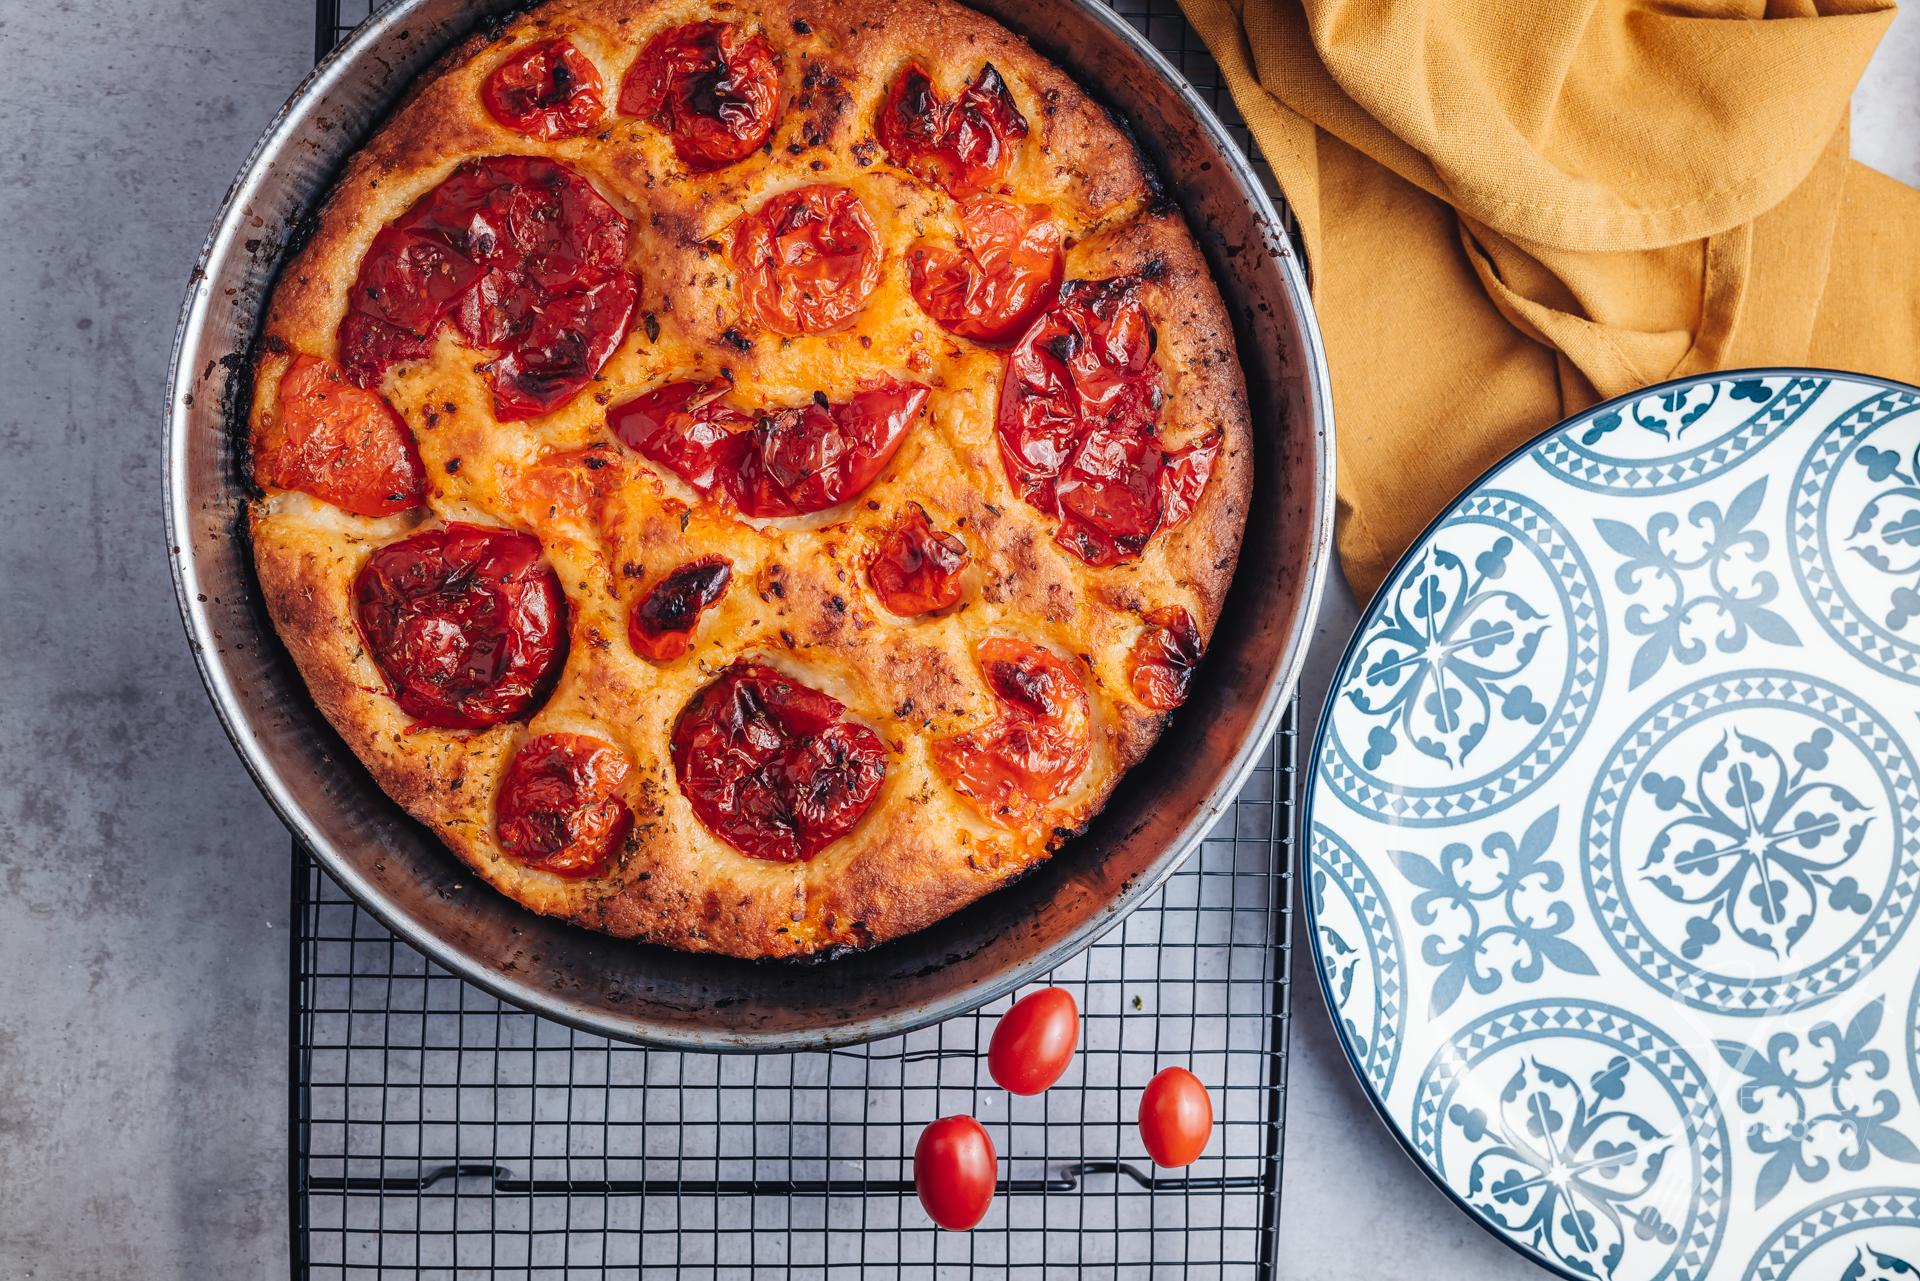 Delicious traditional focaccia bread from Bari, Puglia region